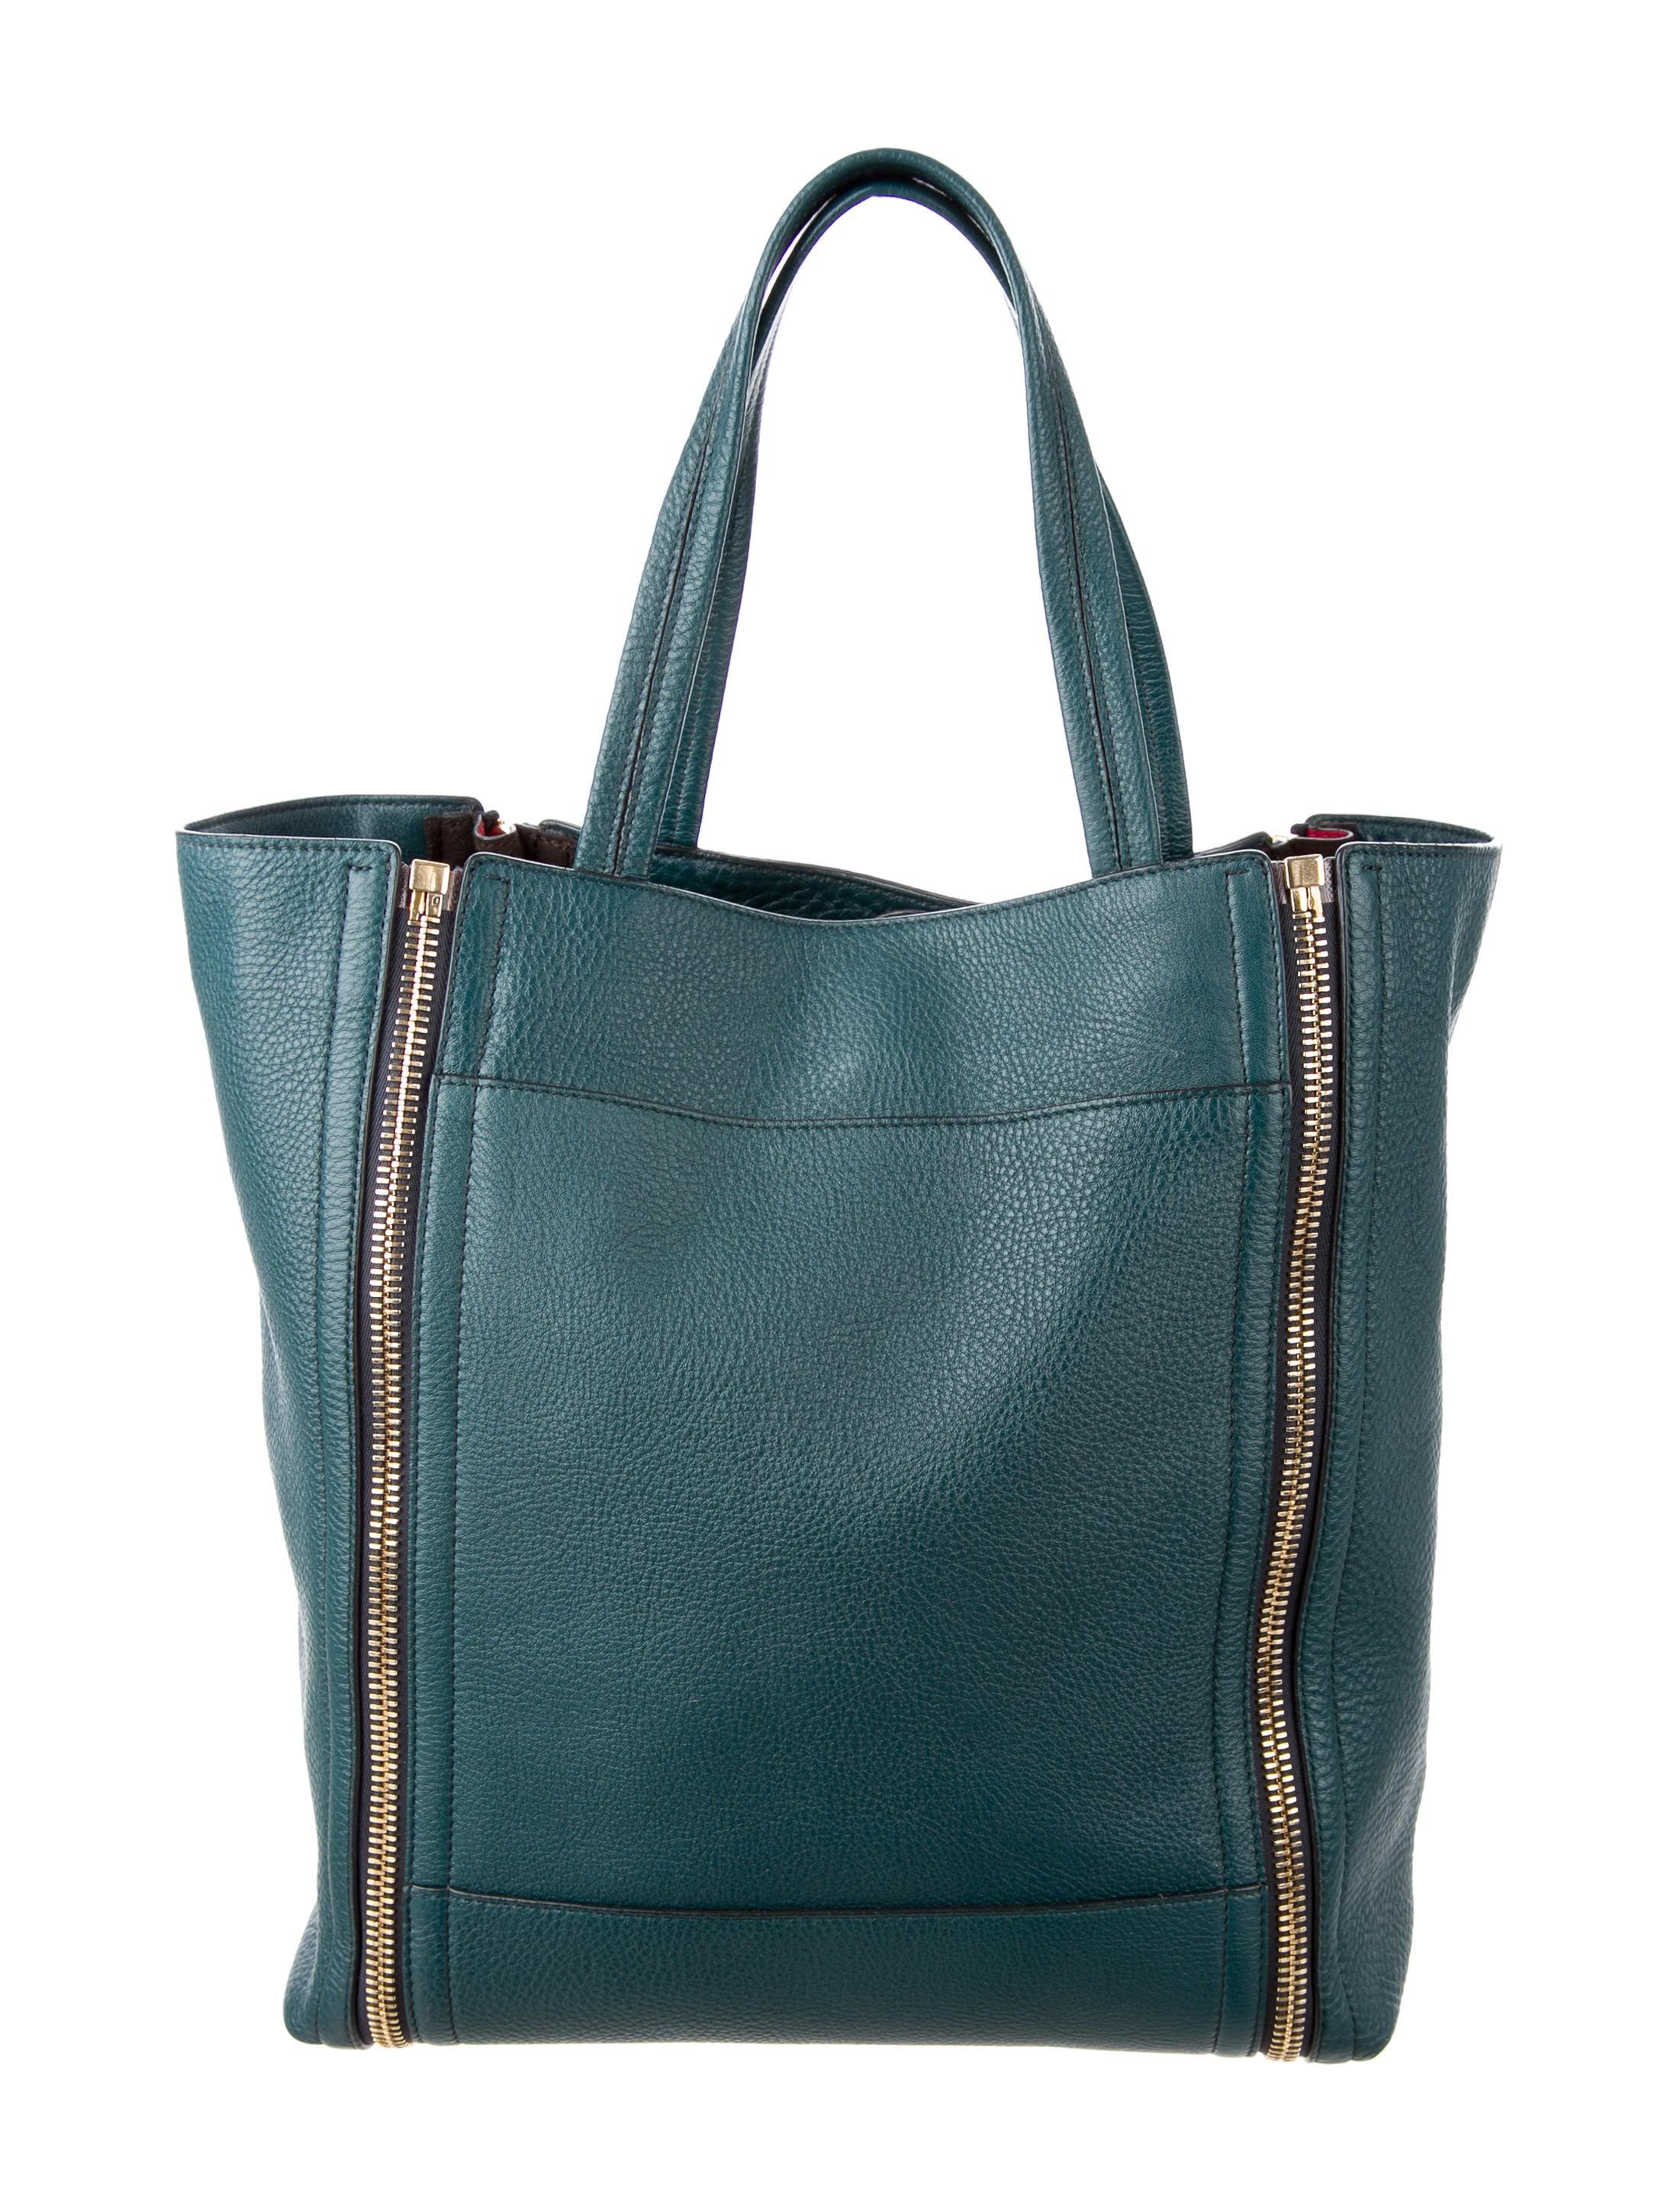 fdbfefc53f Salvatore Ferragamo Leather Suzanne Tote - Handbags - SAL47170